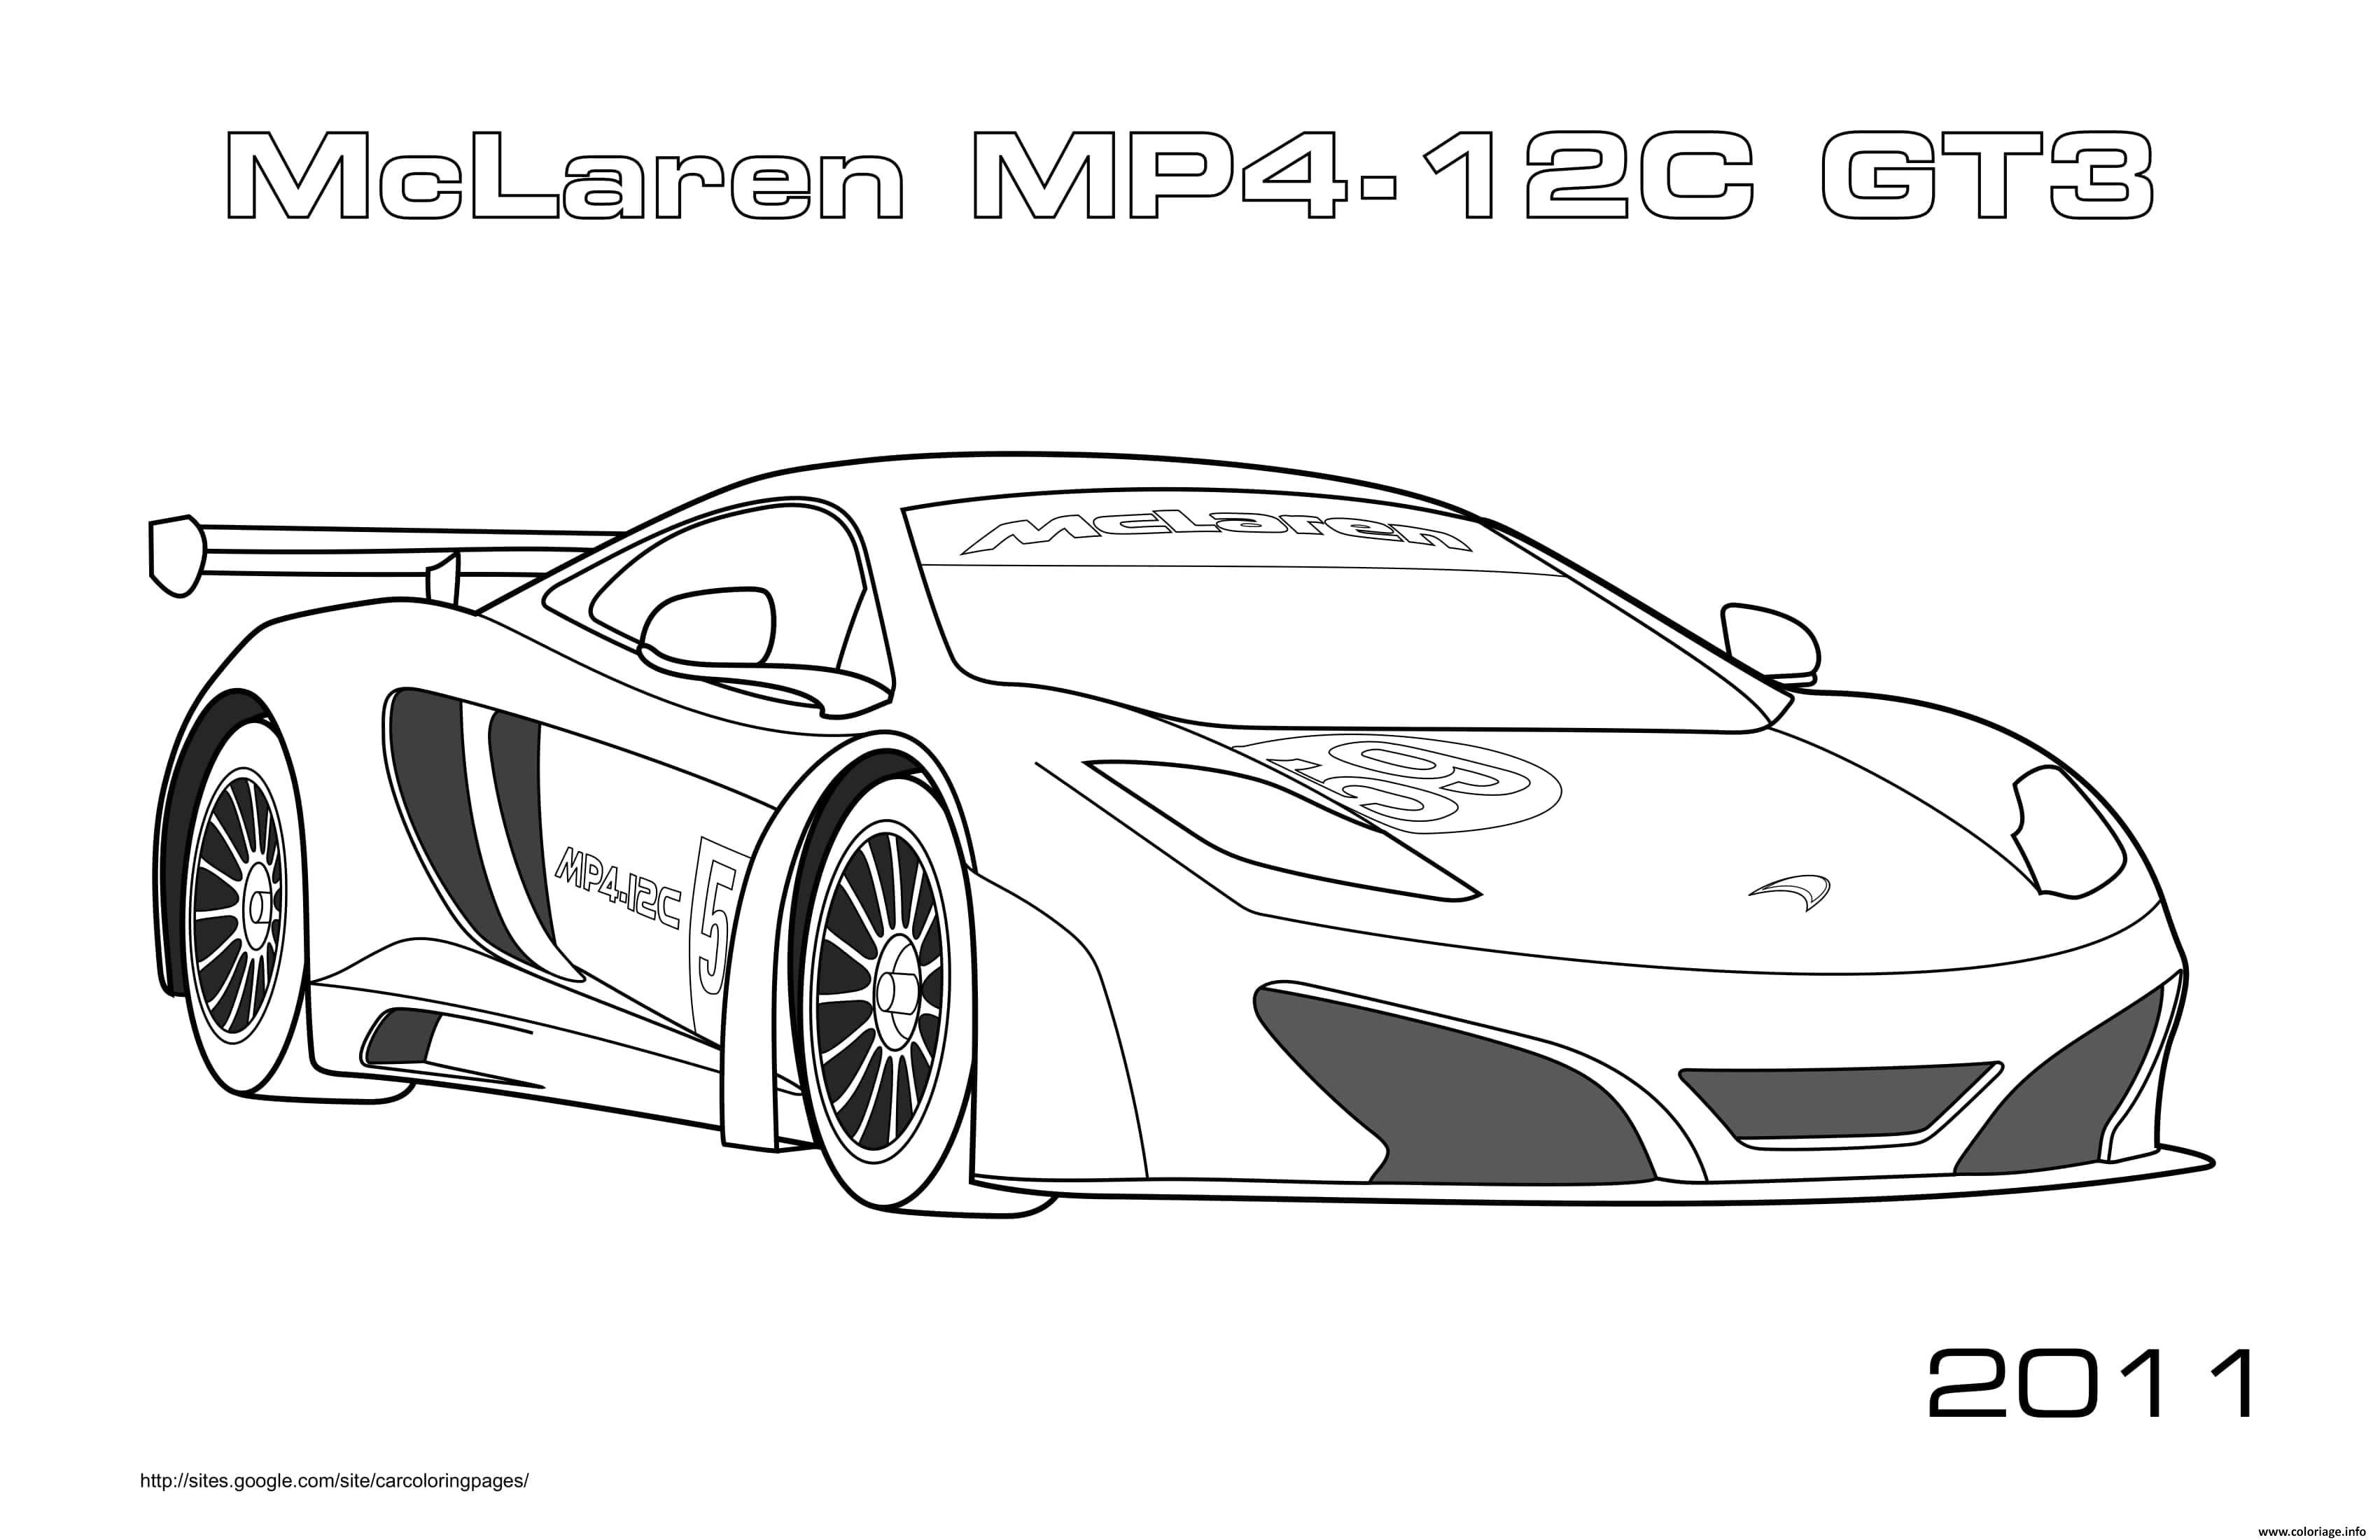 Dessin Mclaren Mp4 12c Gt3 2011 Coloriage Gratuit à Imprimer